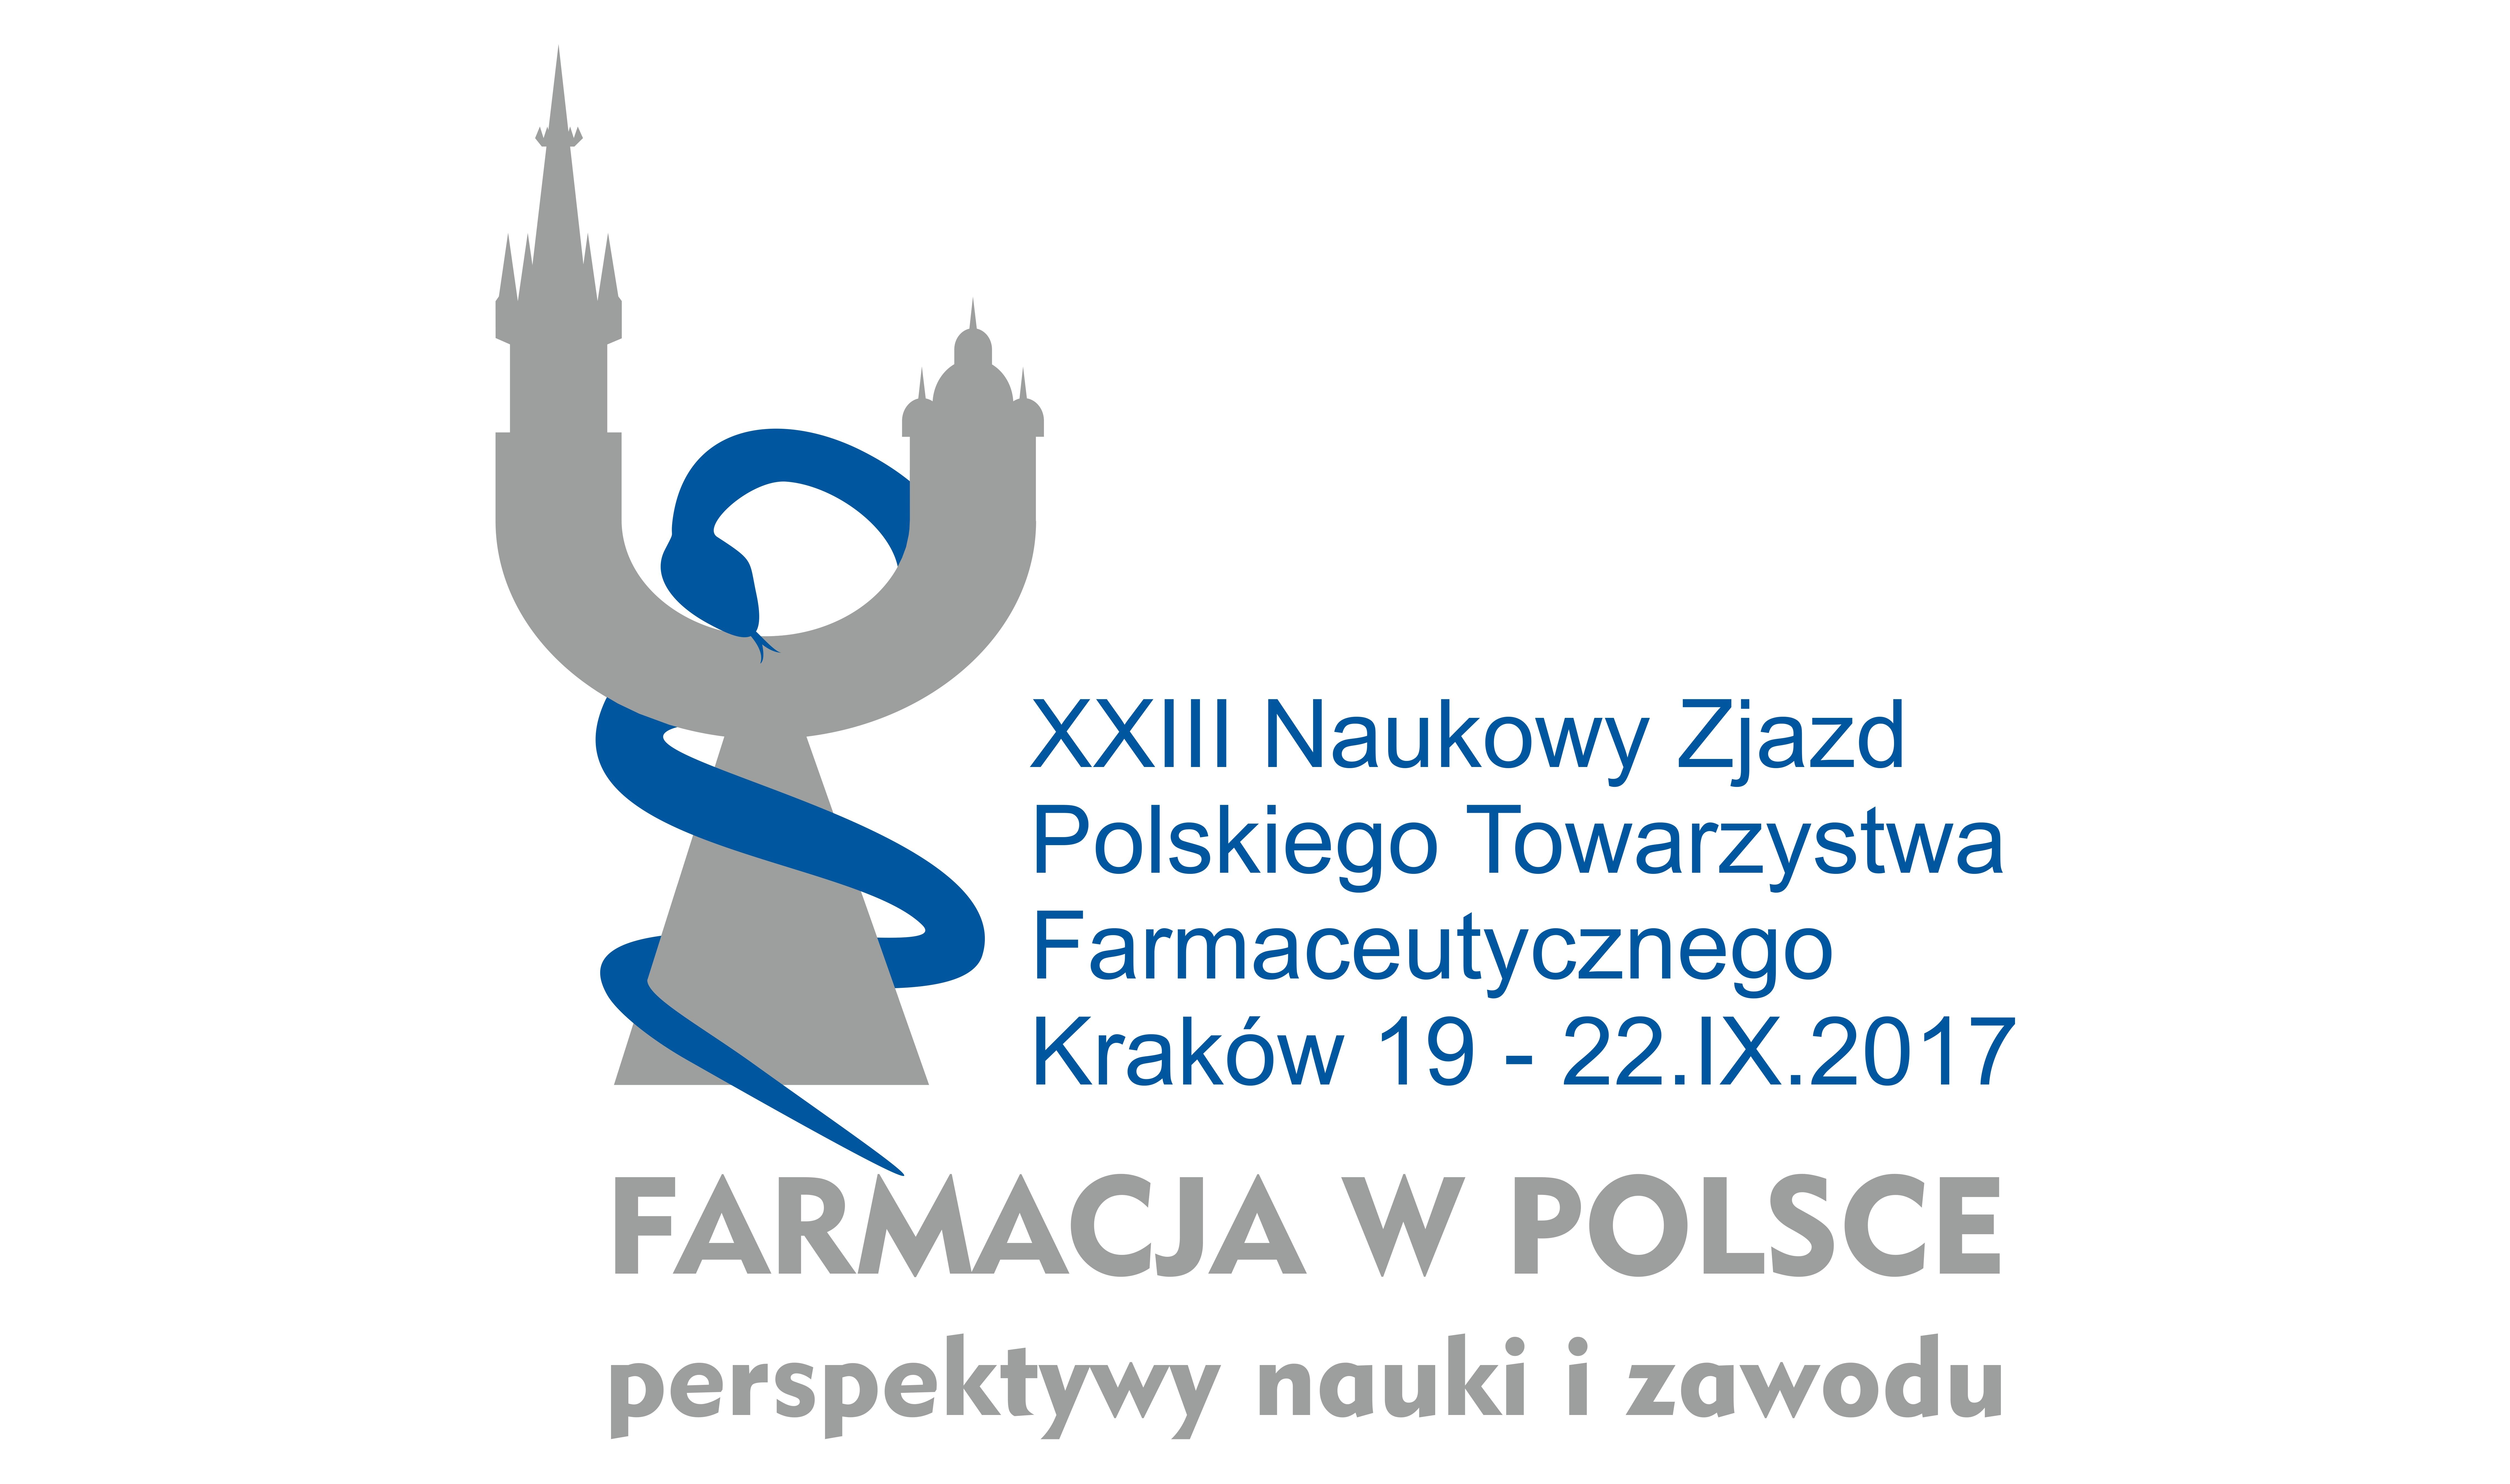 Pod patronatem medialnym Aptekarza Polskiego.